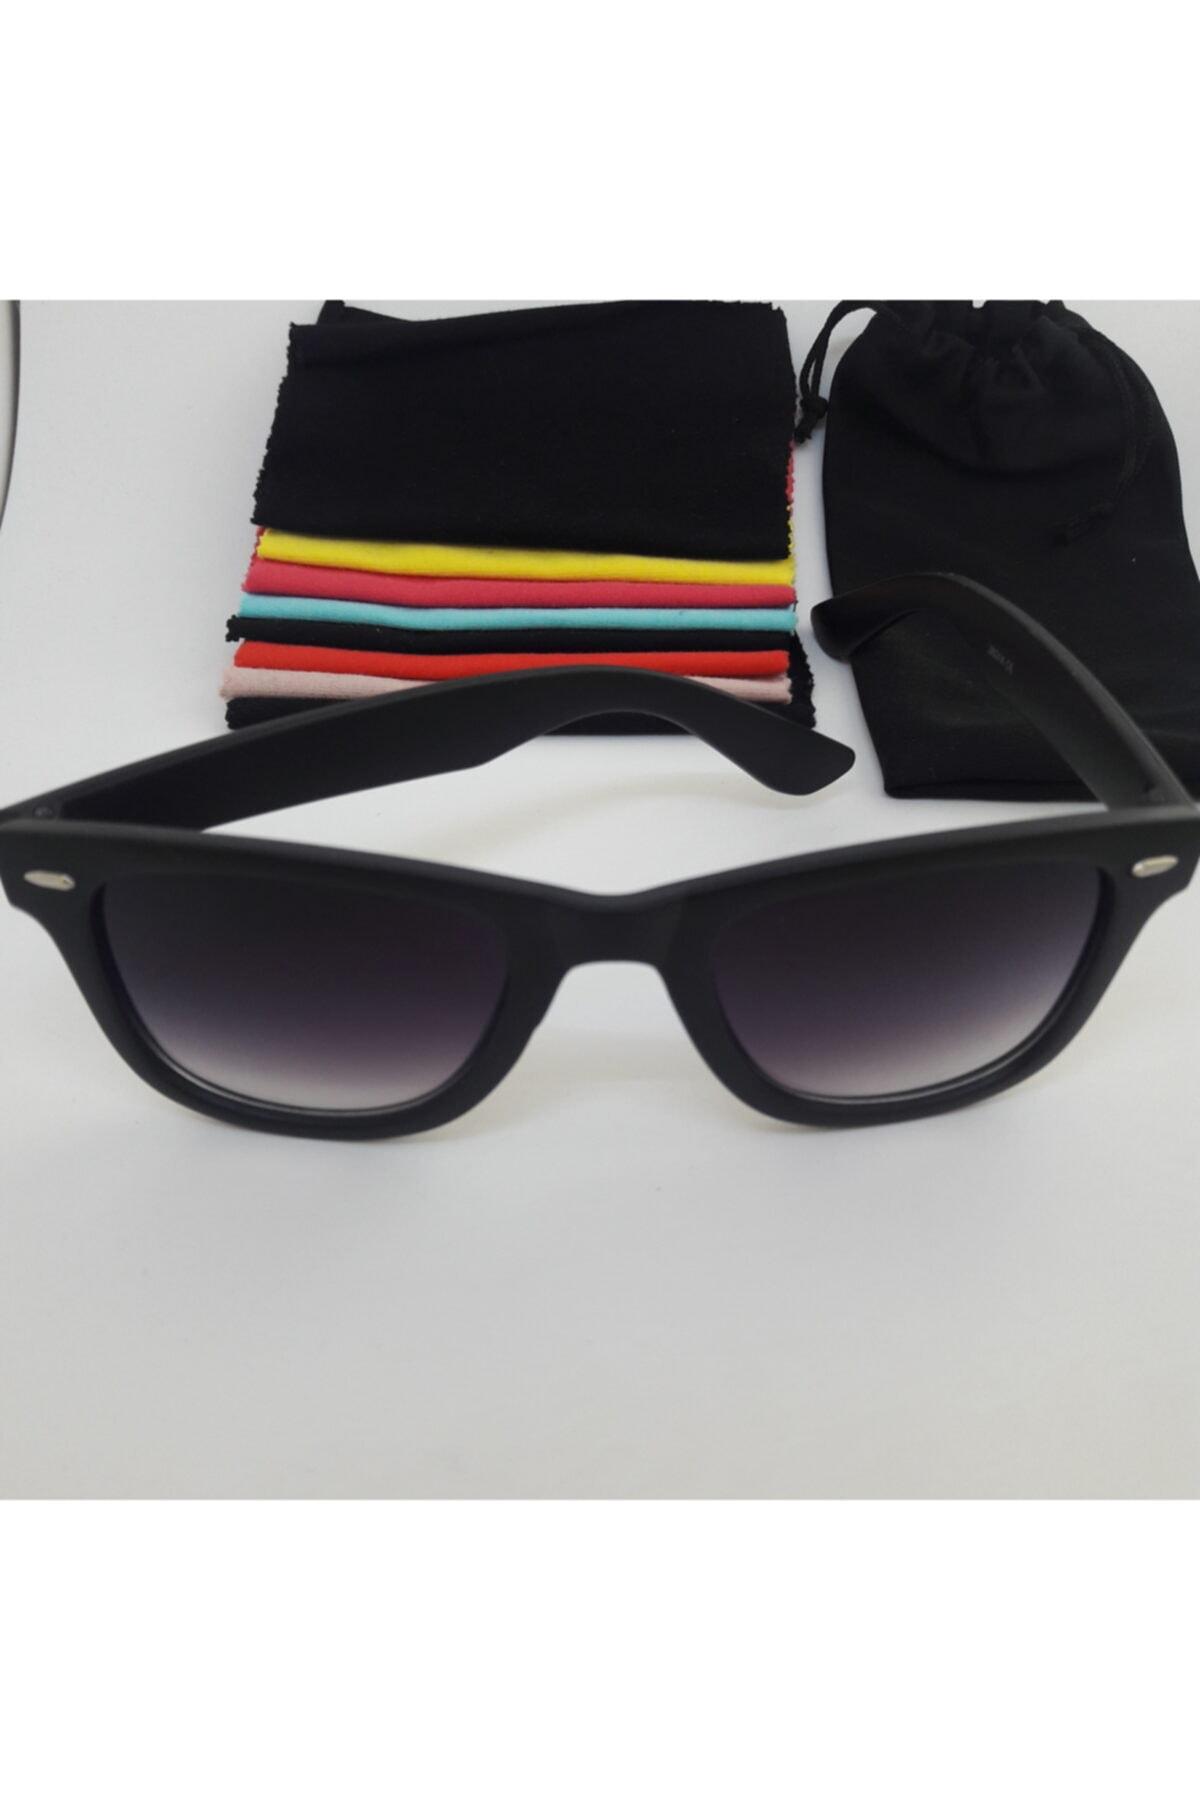 عینک آفتابی یونیسکس فروشگاه اینترنتی برند Zirve رنگ مشکی کد ty103611458